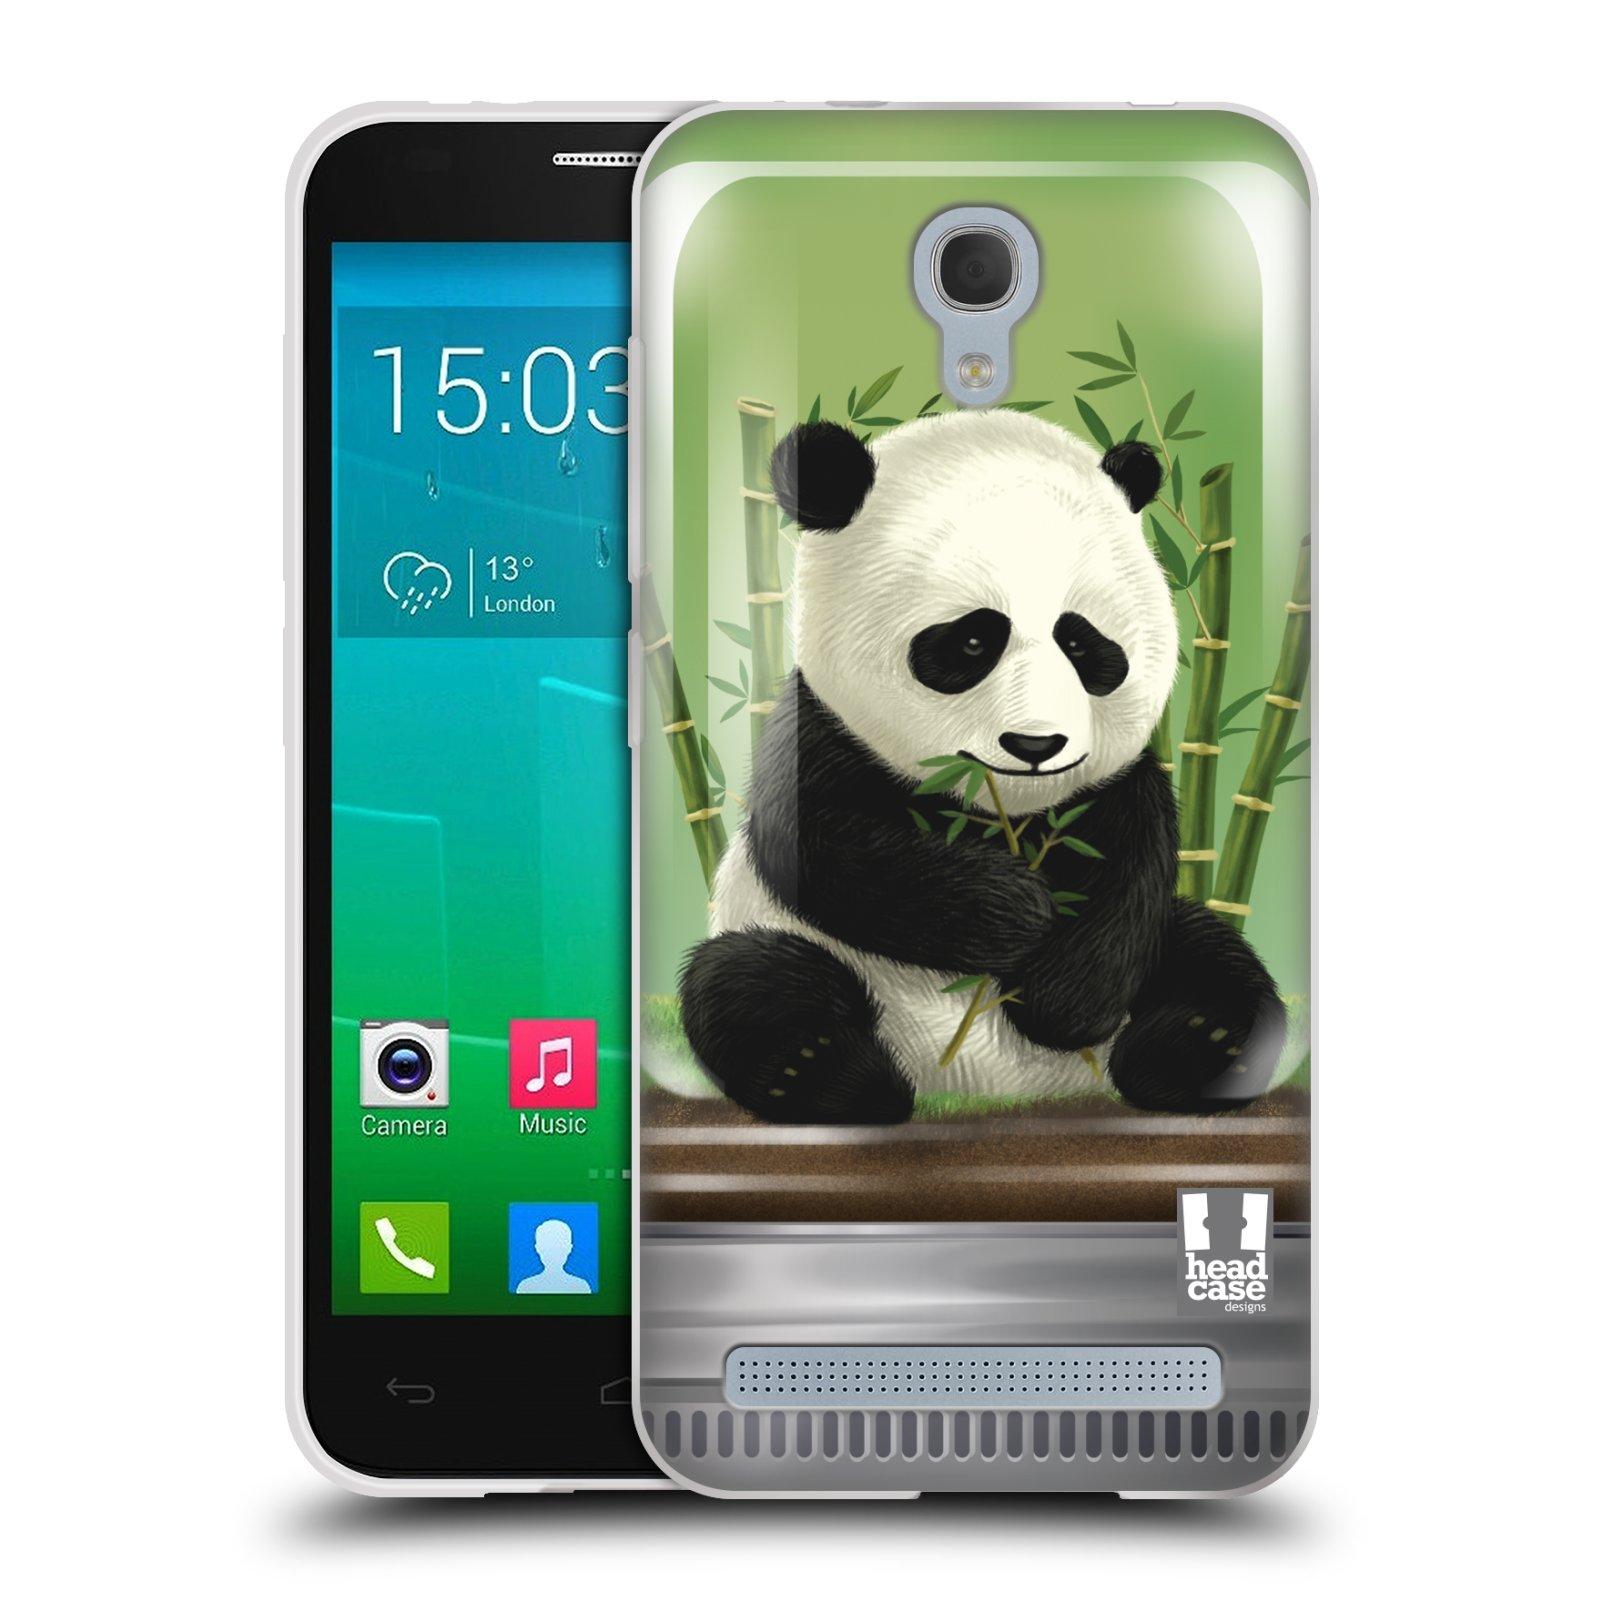 HEAD CASE silikonový obal na mobil Alcatel Idol 2 MINI S 6036Y vzor Zvířátka v těžítku panda